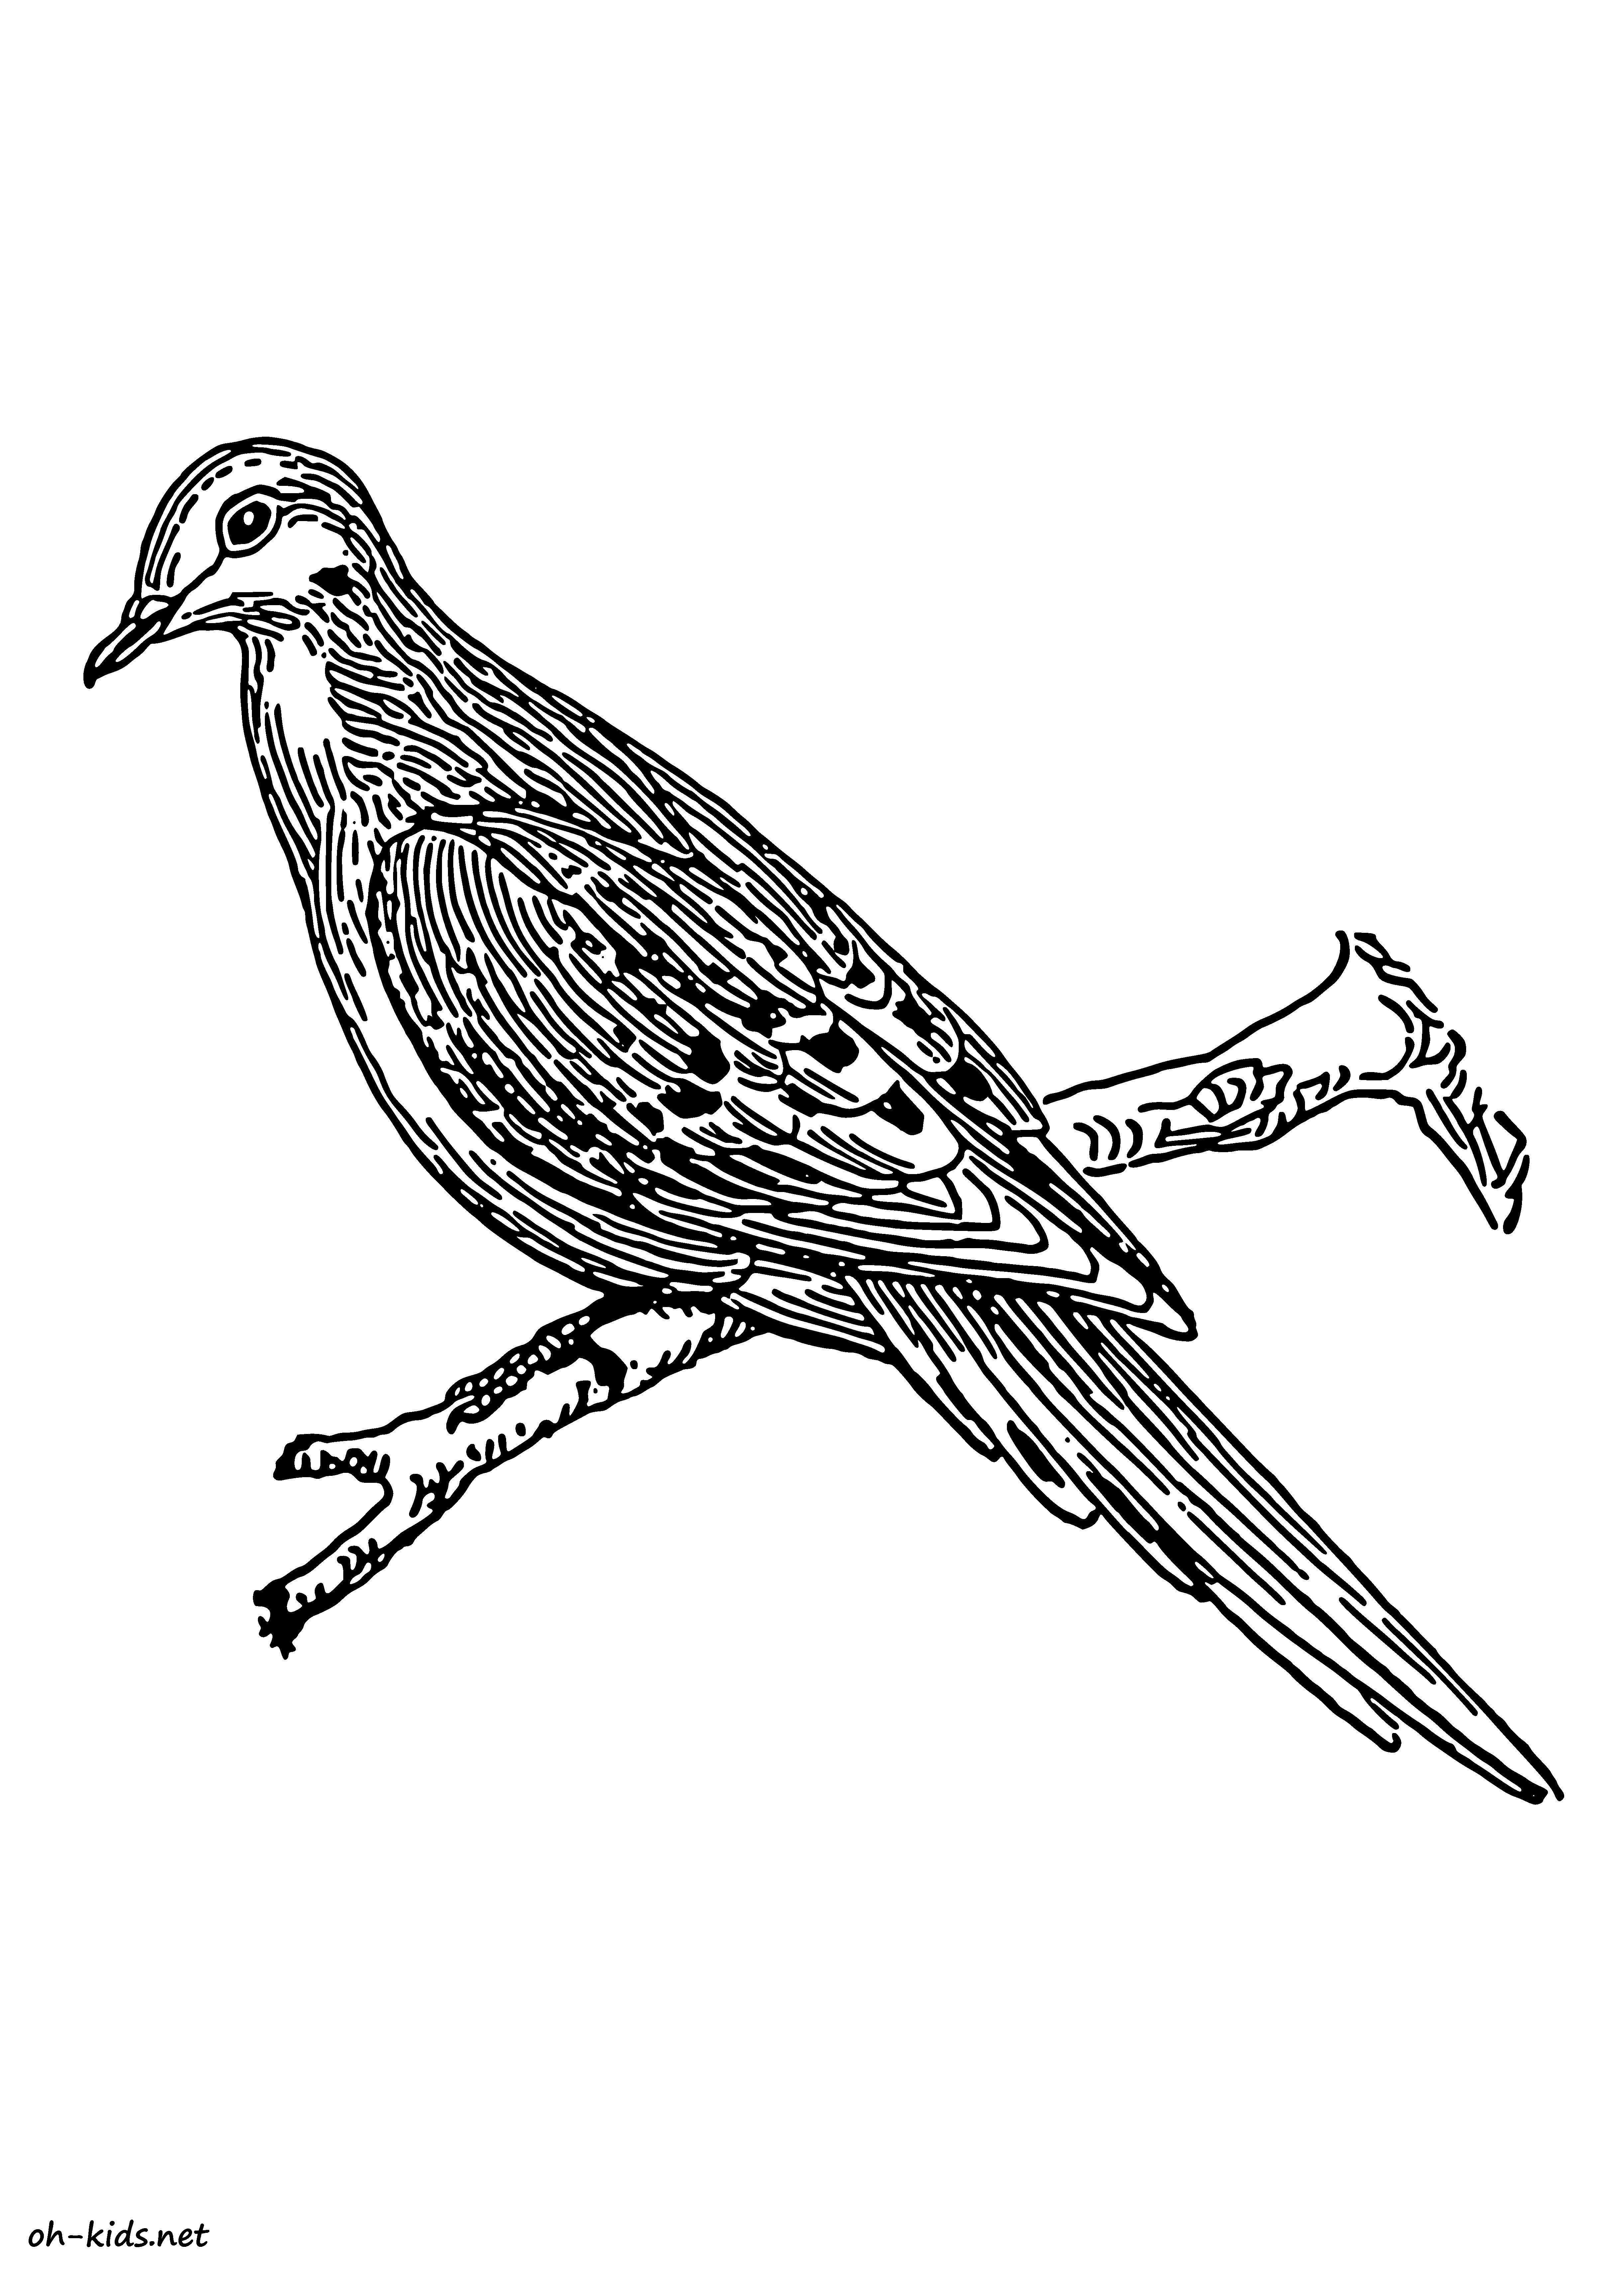 coloriage de colombe gratuit à imprimer et colorier - Dessin #373